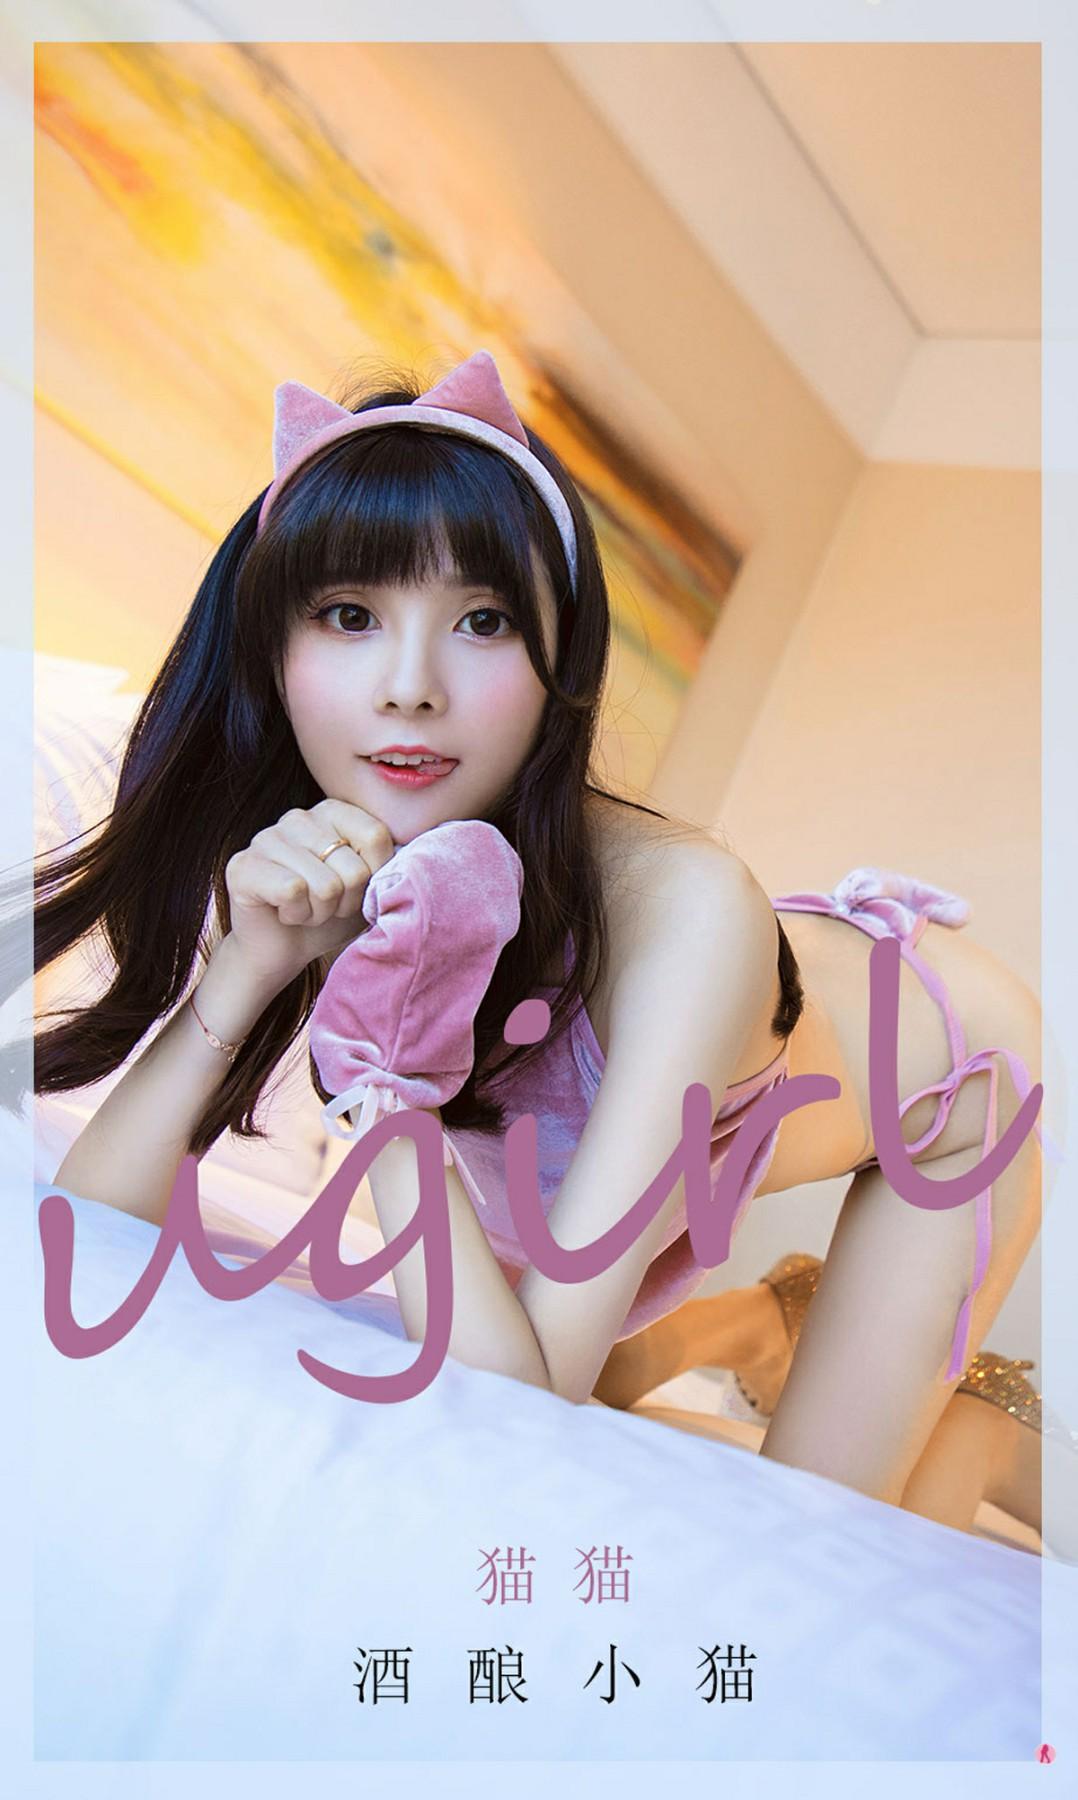 [Ugirls尤果网]爱尤物专辑 2020.10.09 No.1931 猫猫 酒酿小猫 第1张